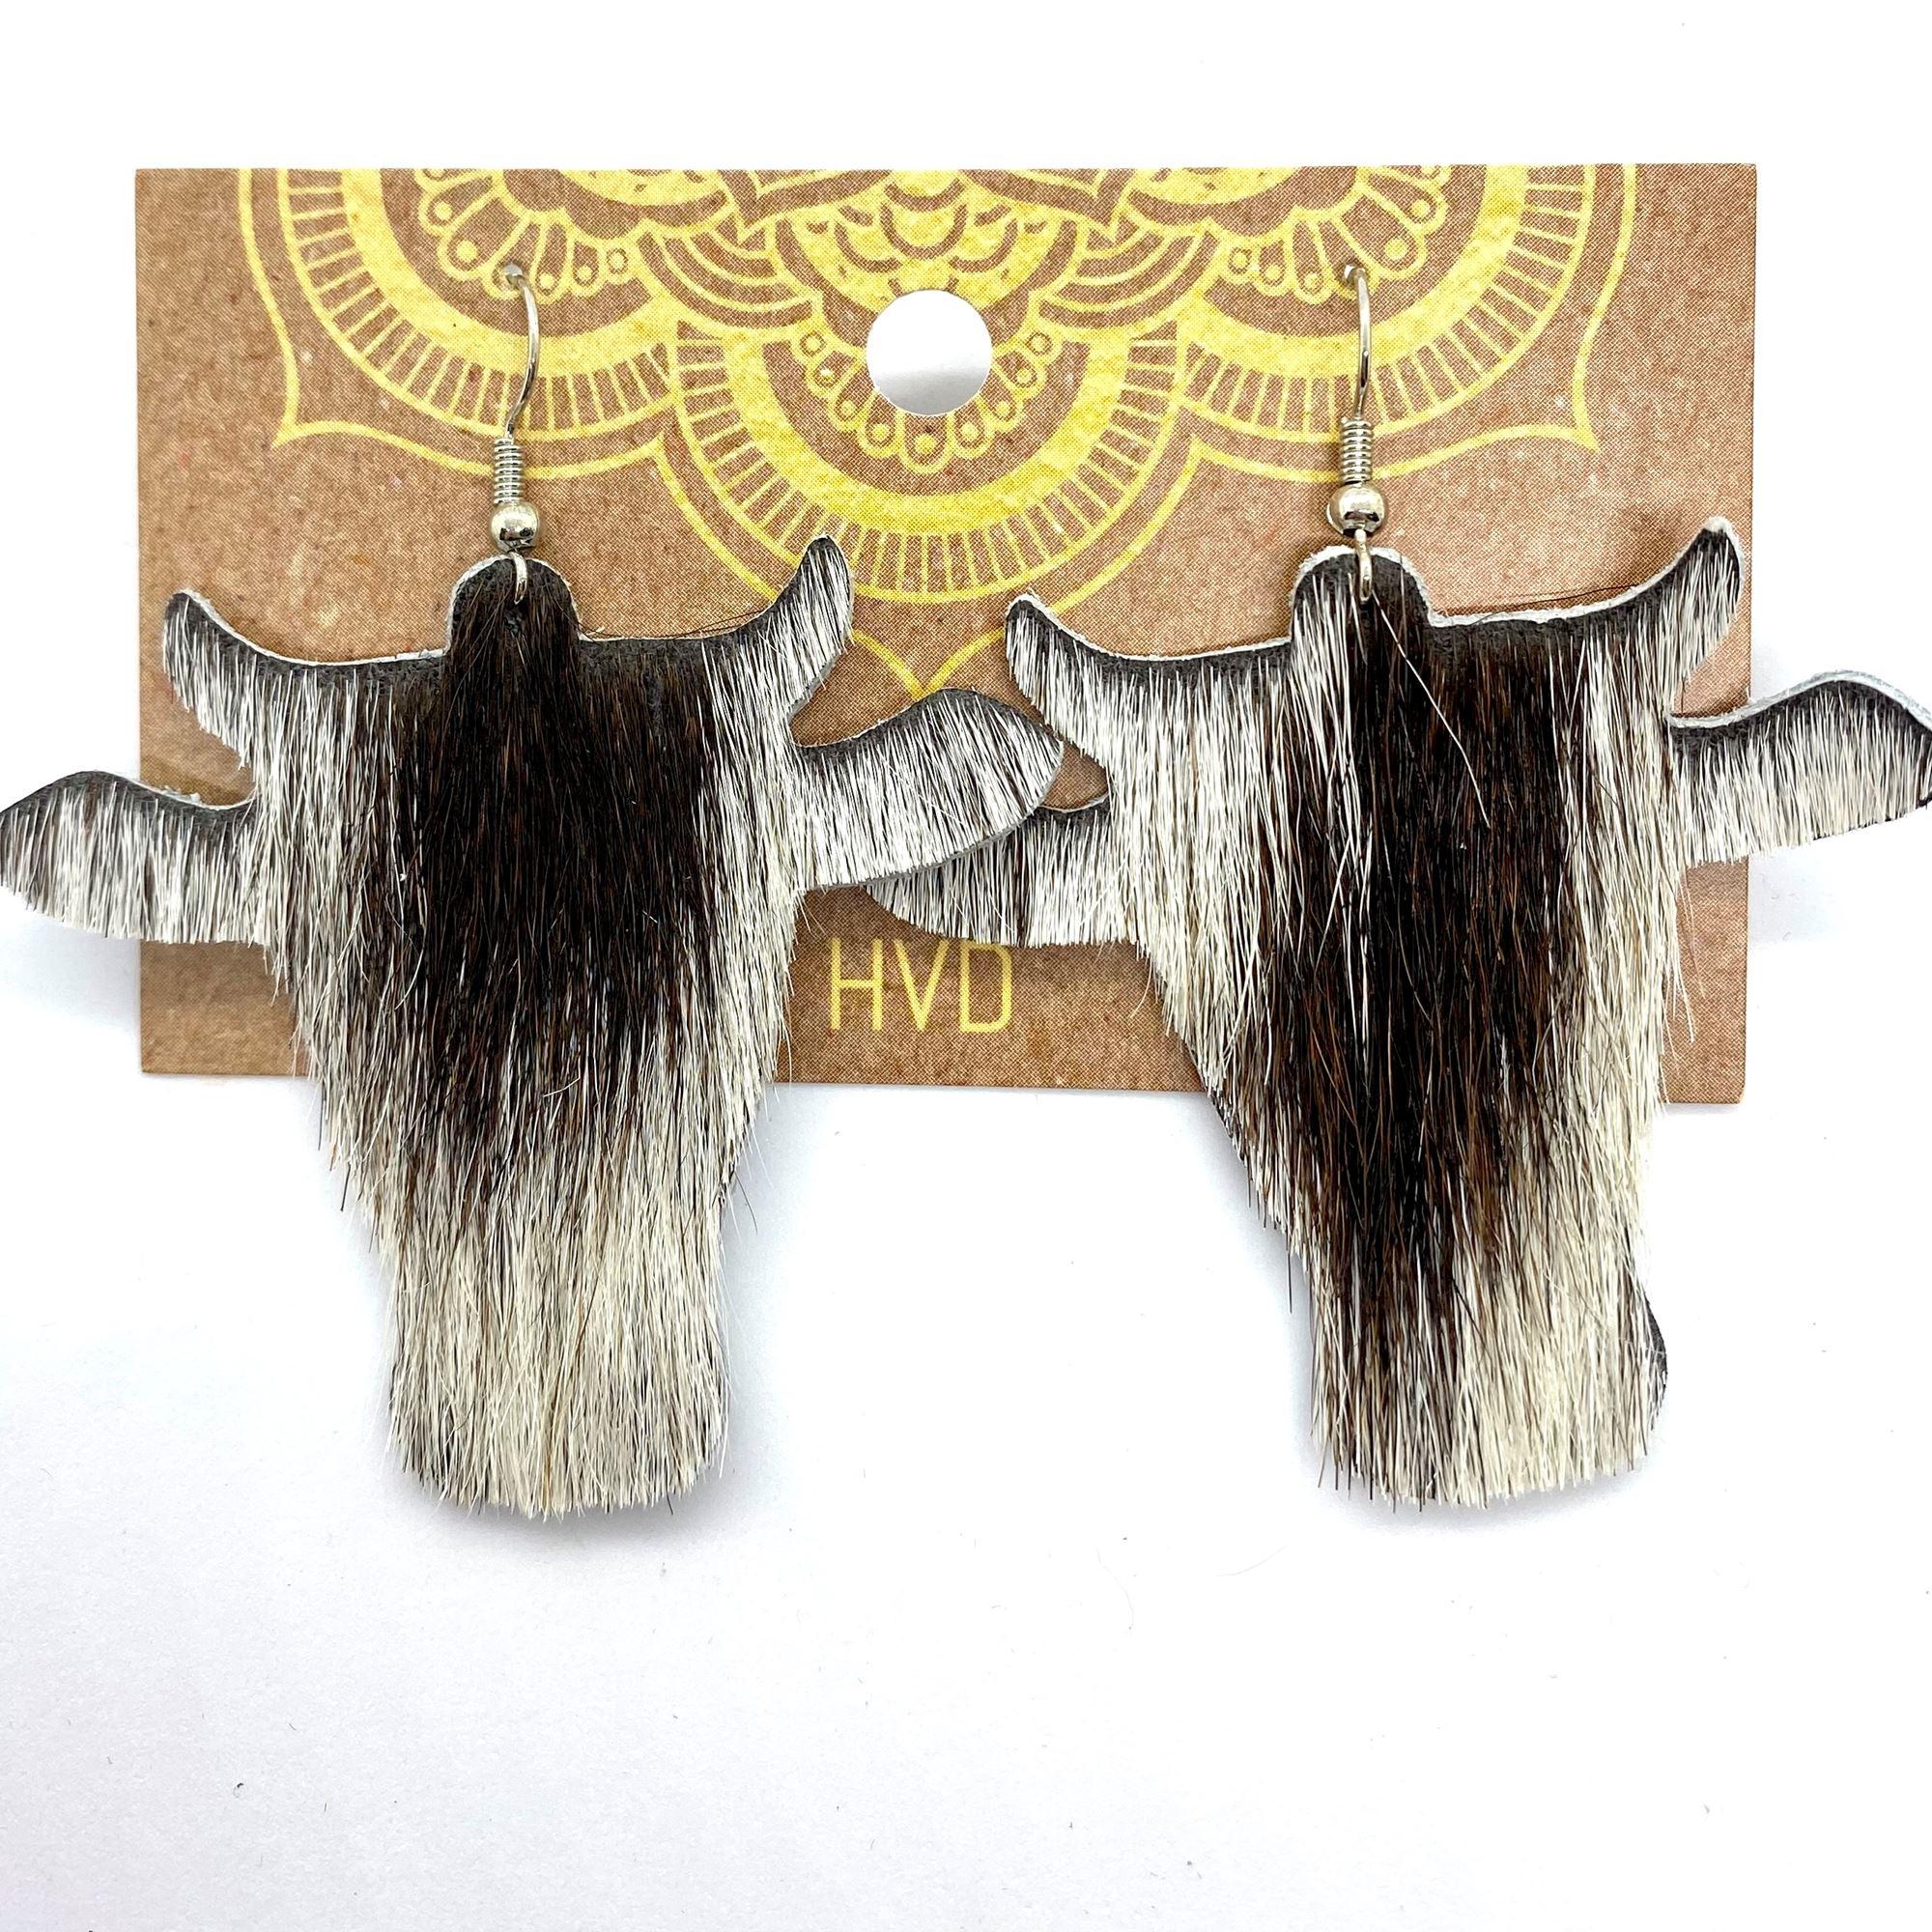 Dark Brown Hair-On-Hide Cow Head Earrings (1)